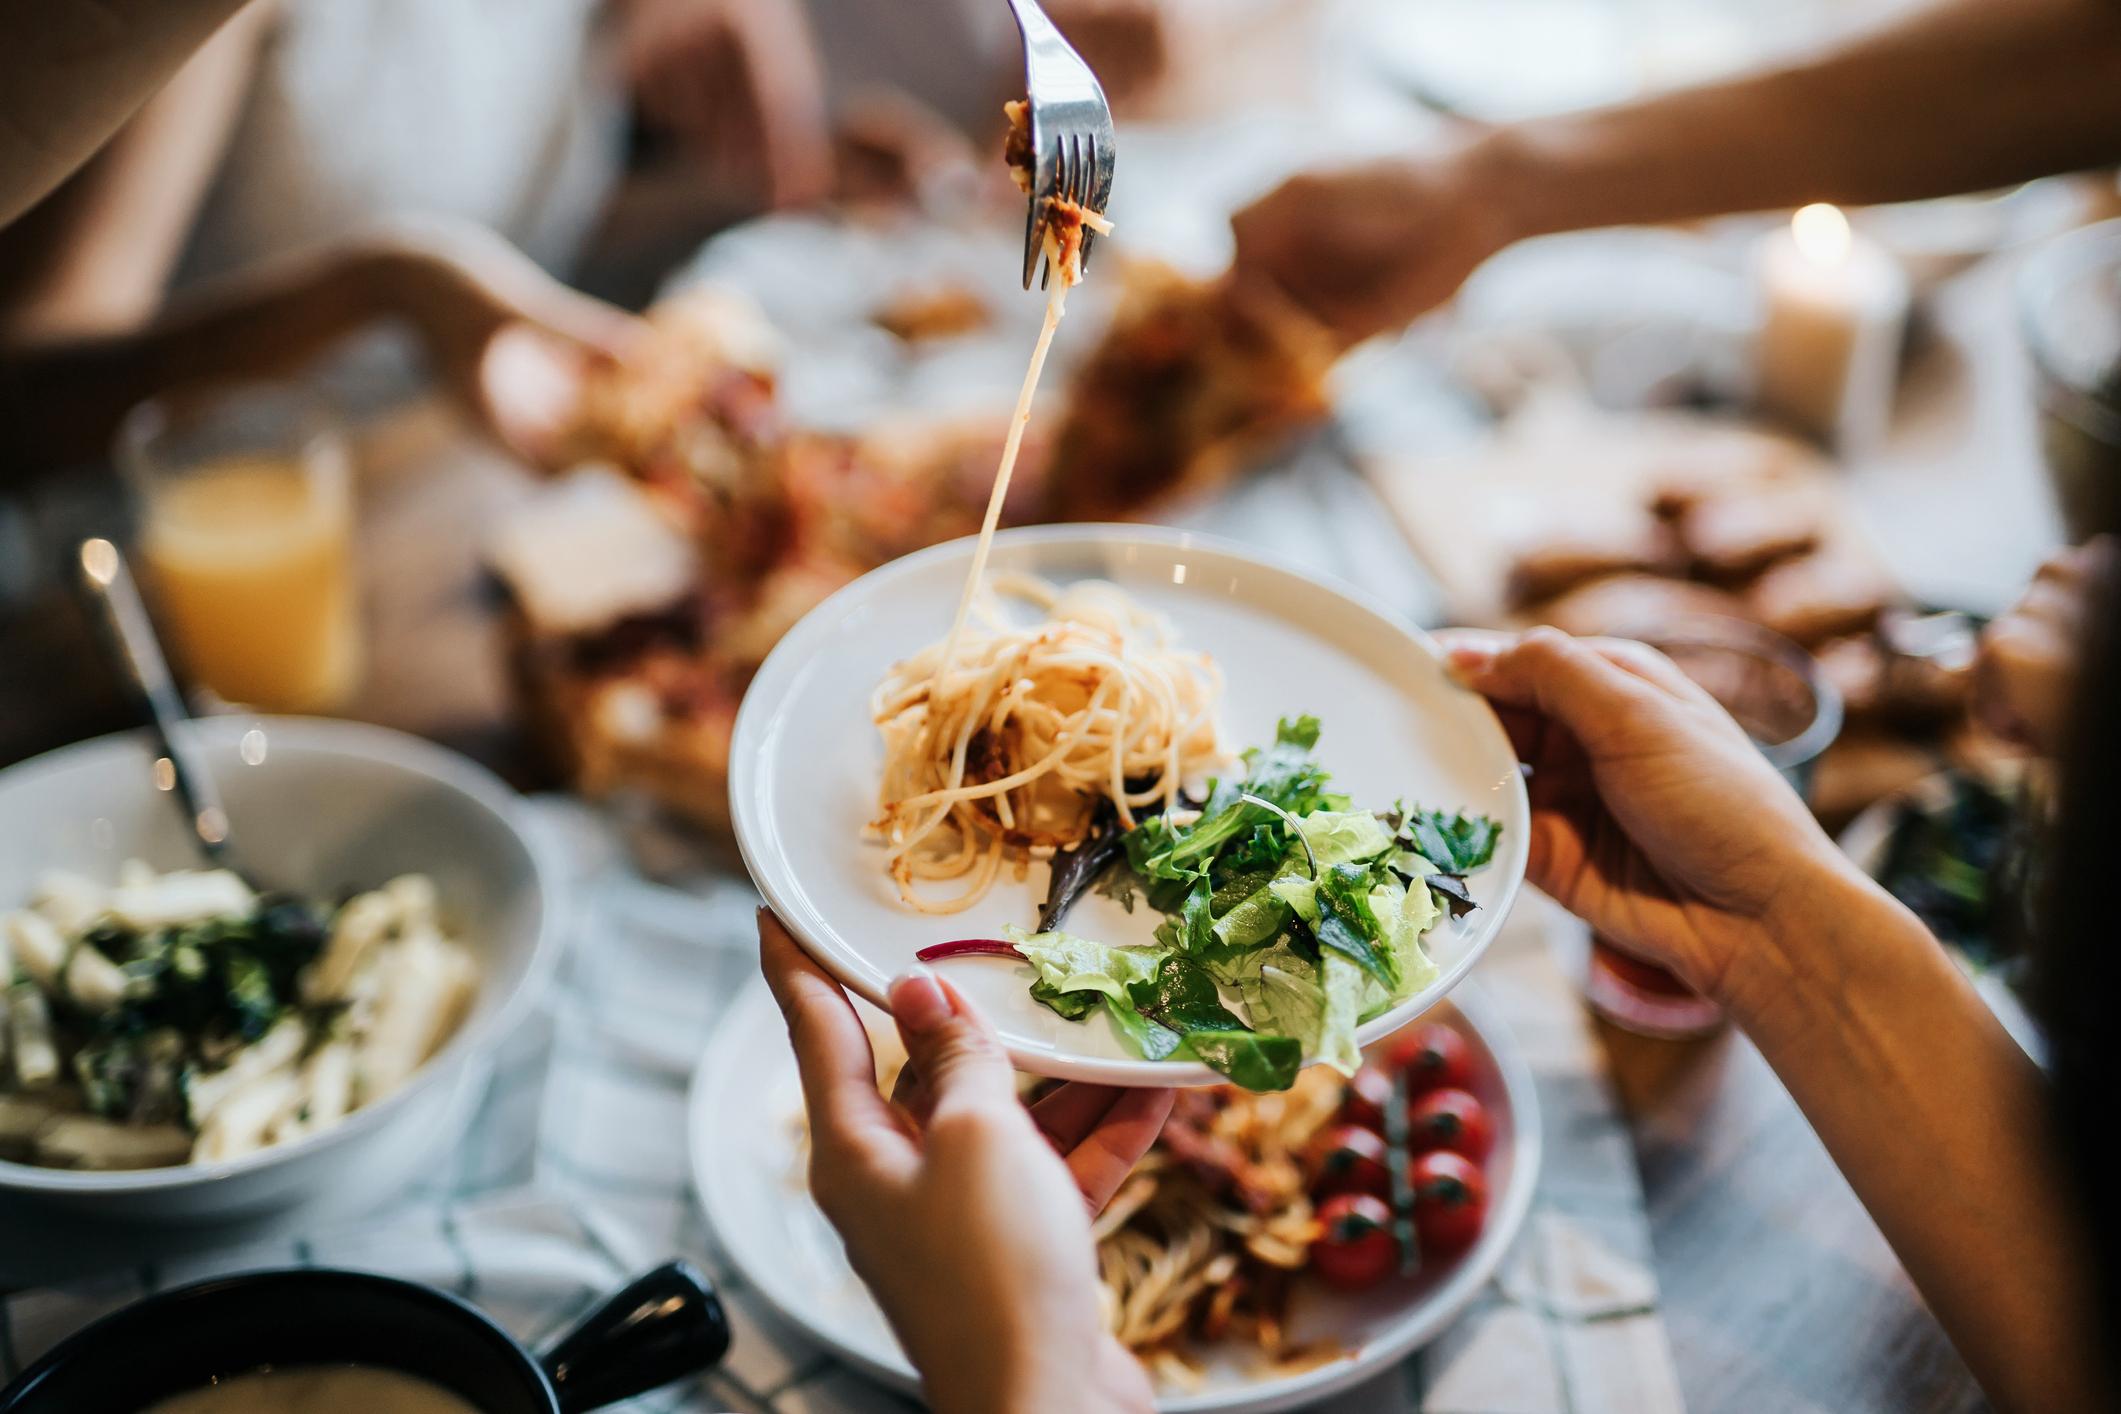 Klasična tjestenina radi se od pšeničnog brašna. Nije na odmet ponekad u svoj jelovnik uključiti tjesteninu od integralne riže, graška i leće, heljde, ječma, slanutka...